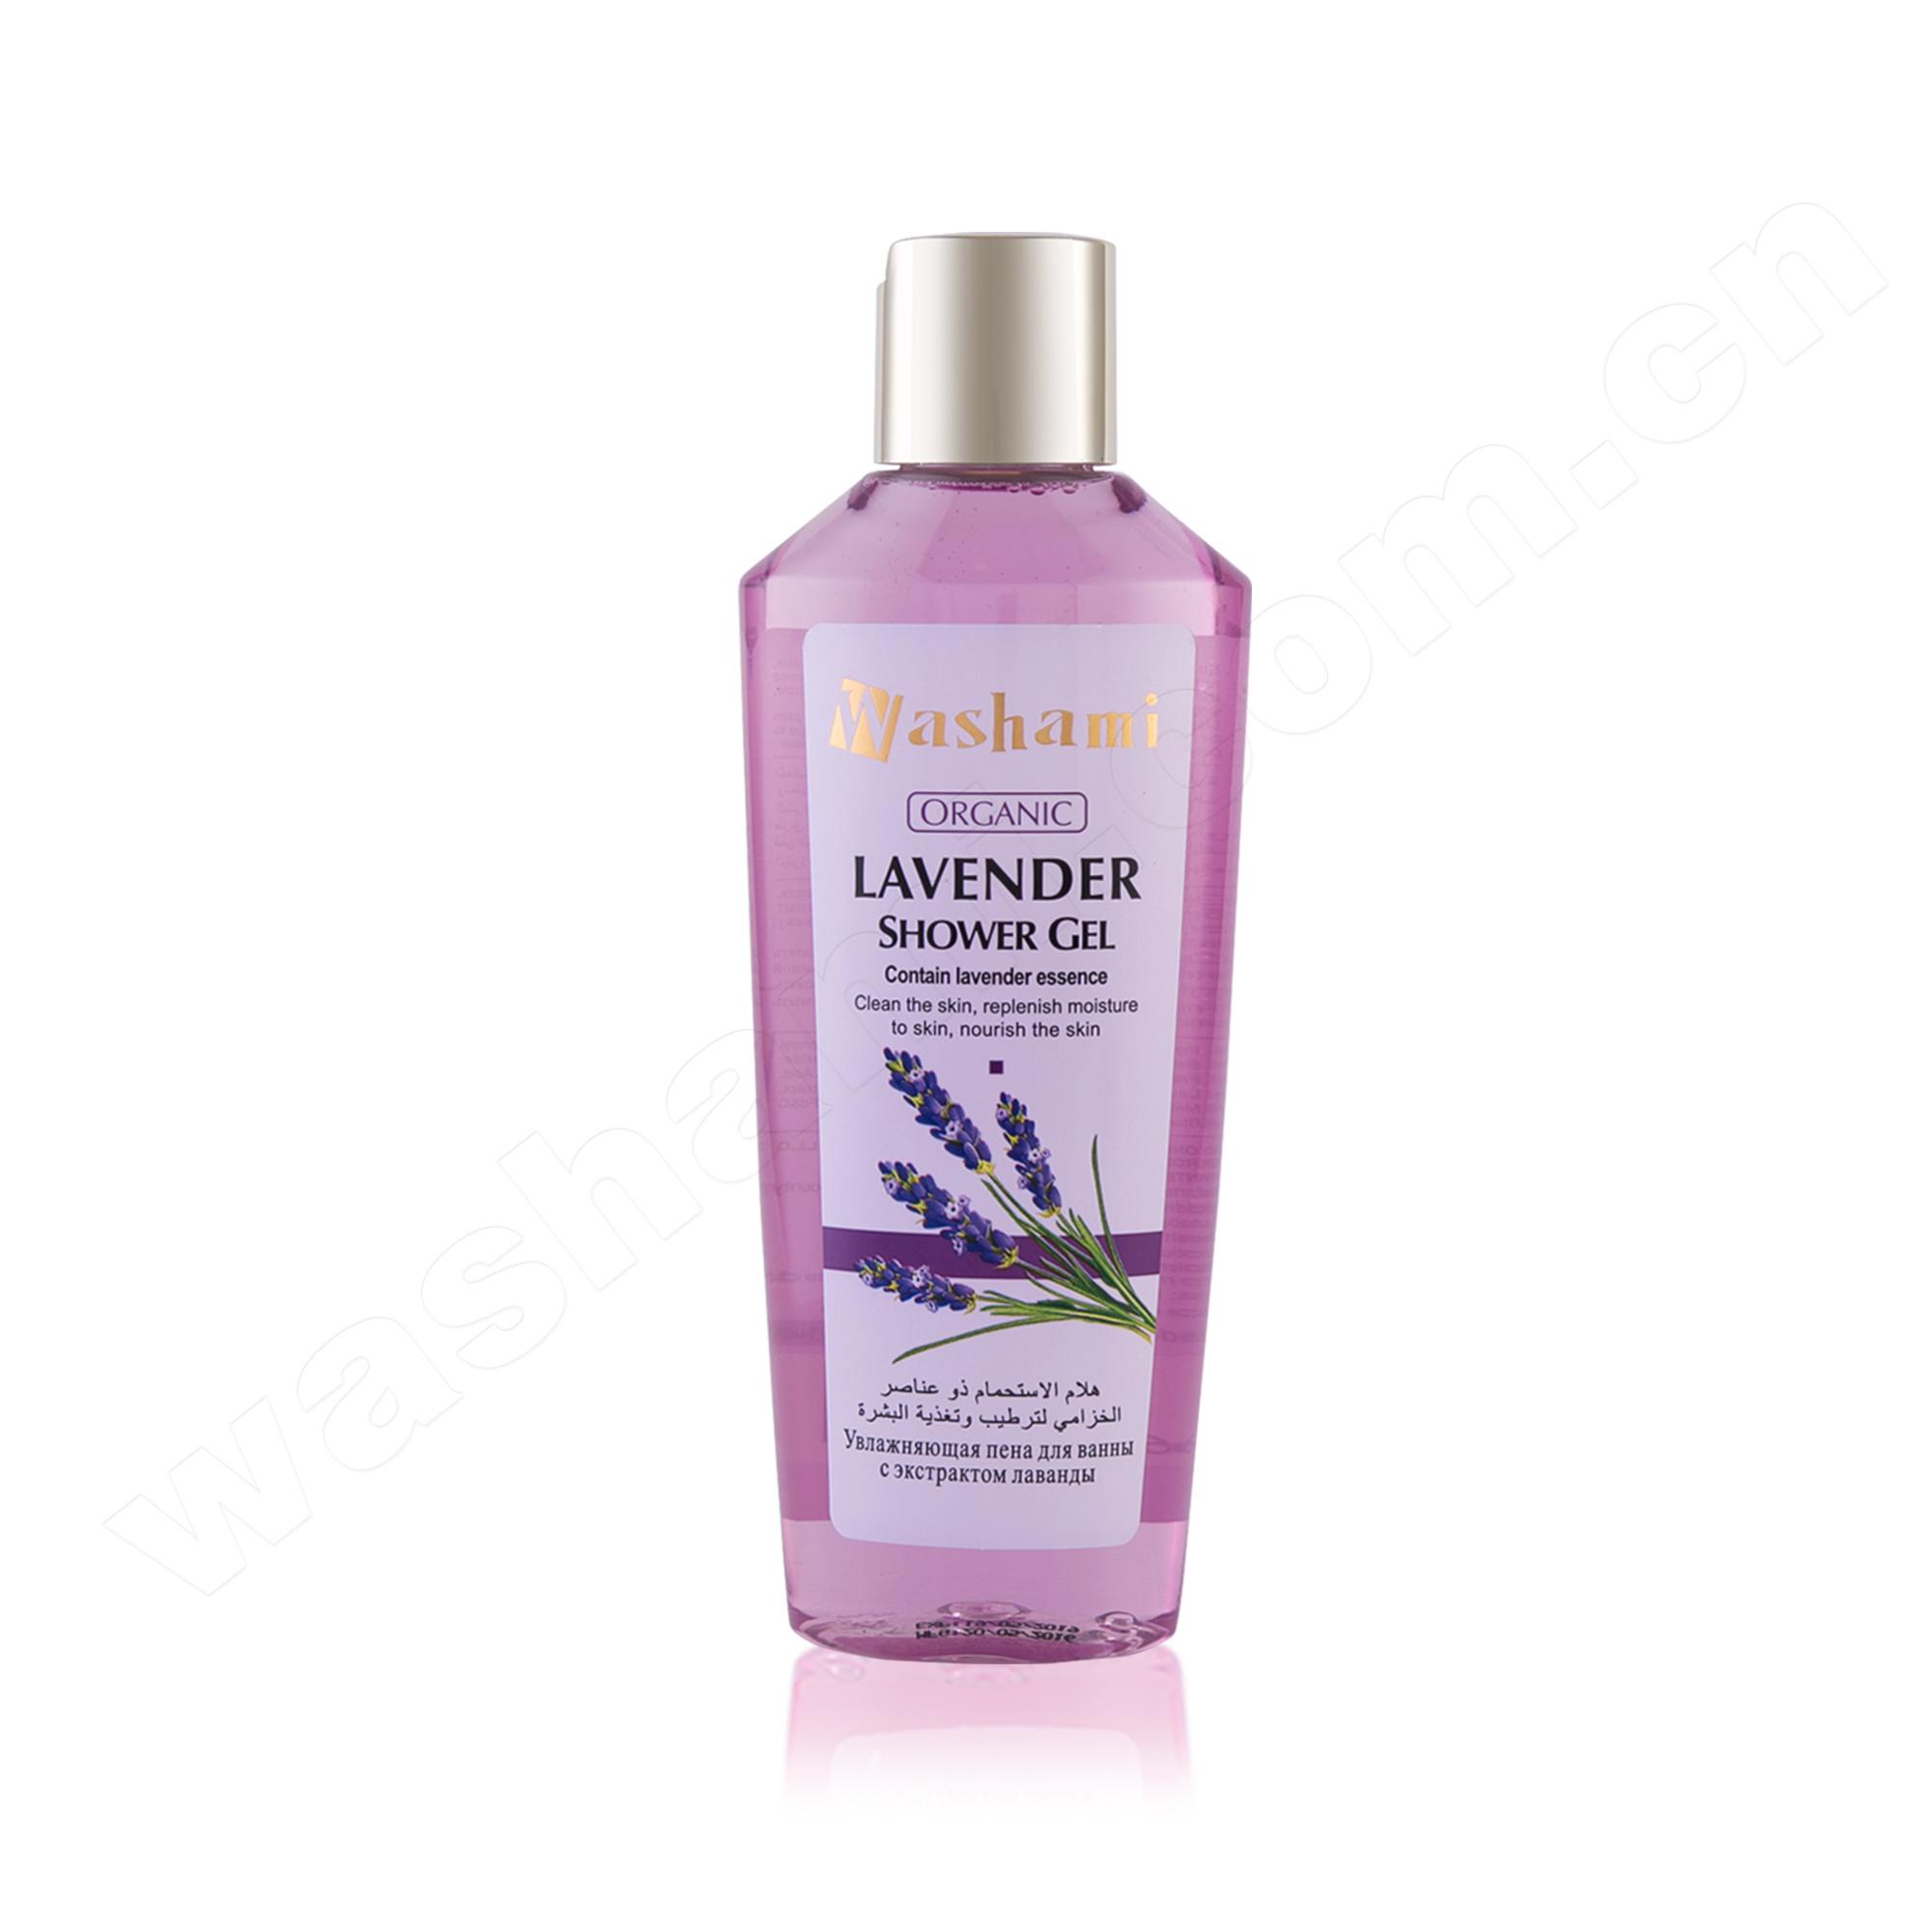 Washami Organic Plant Essence Bath & Shower Gel